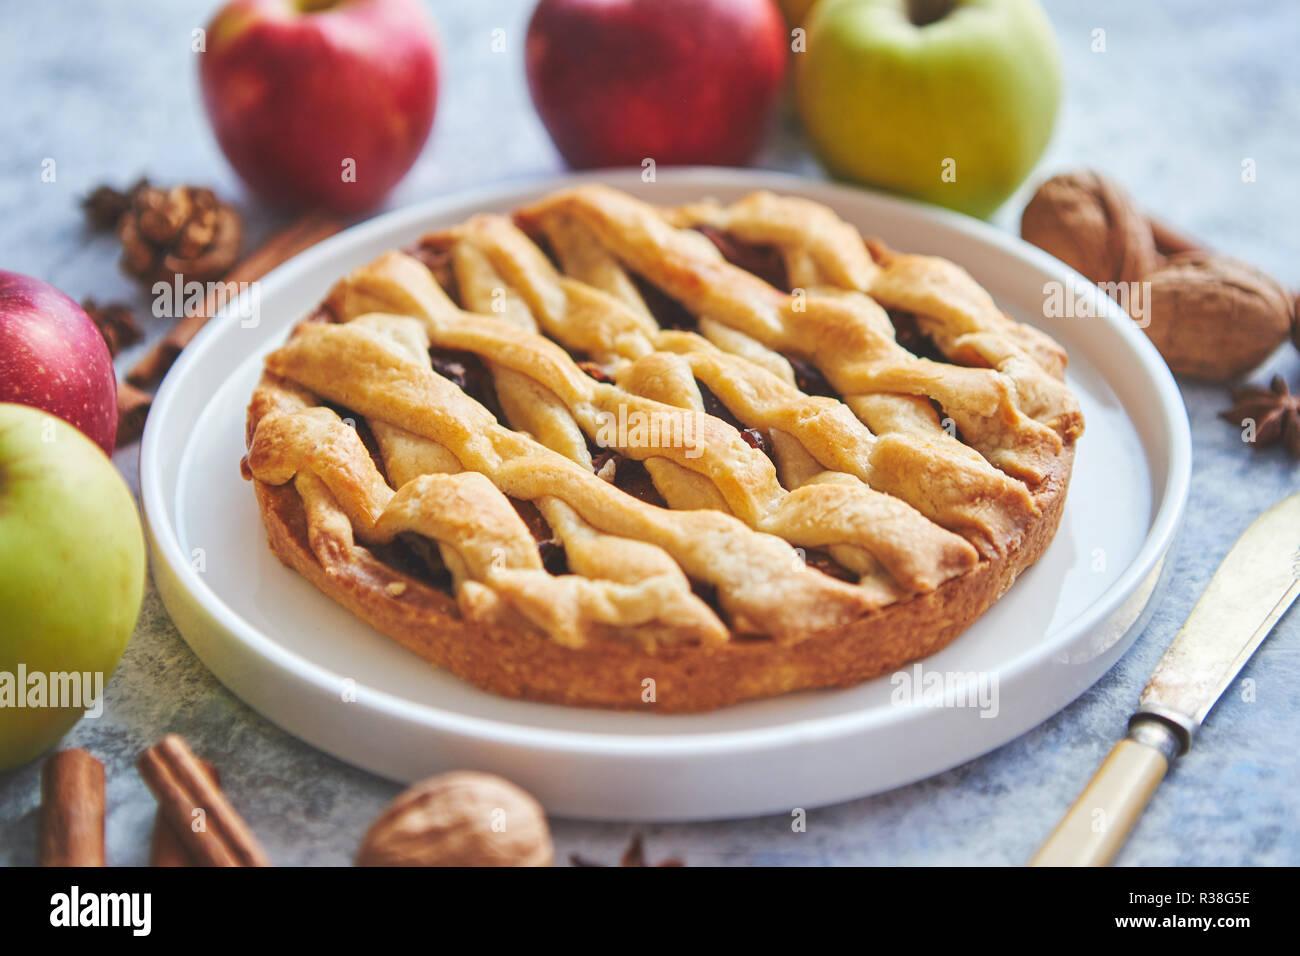 Gustosi dolci fatti in casa la torta di mele torta con bastoncini di cannella, noci e mele Immagini Stock